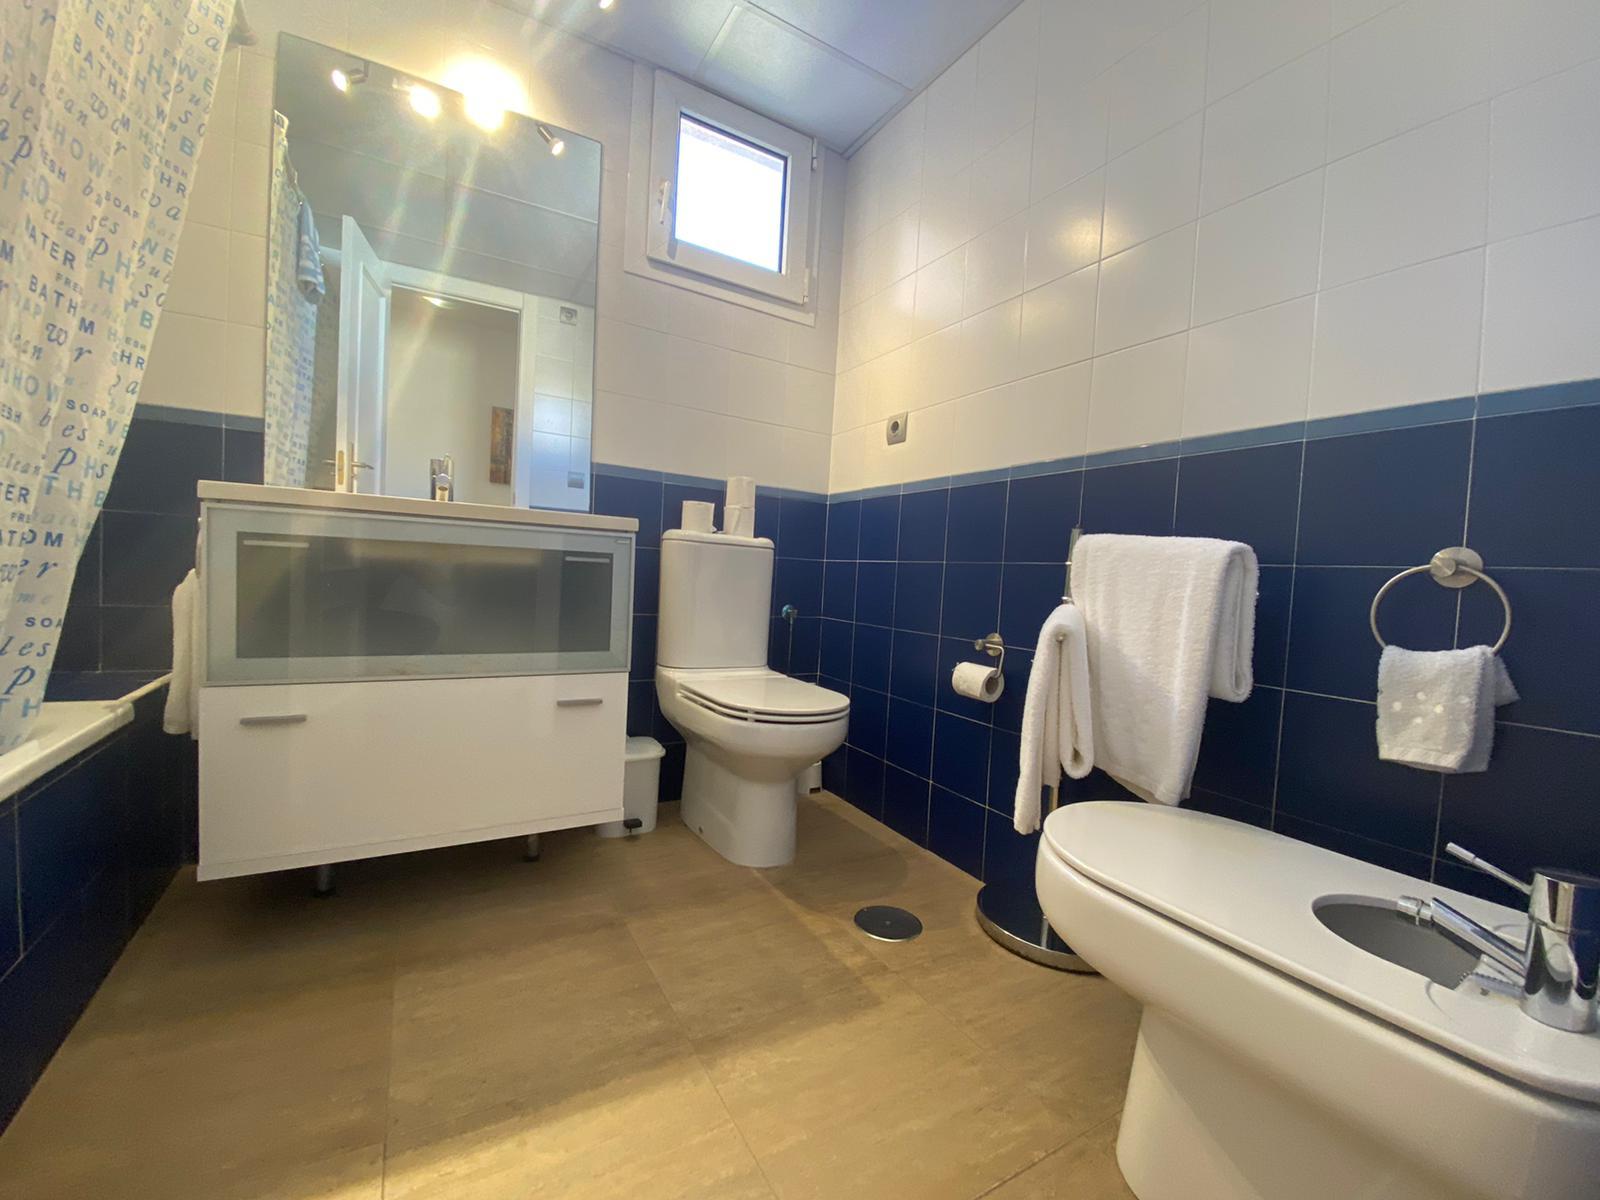 Imagen 20 del Apartamento Turístico, Ático 1 Central (3d+2b), Punta del Moral (HUELVA), Paseo de la Cruz nº22